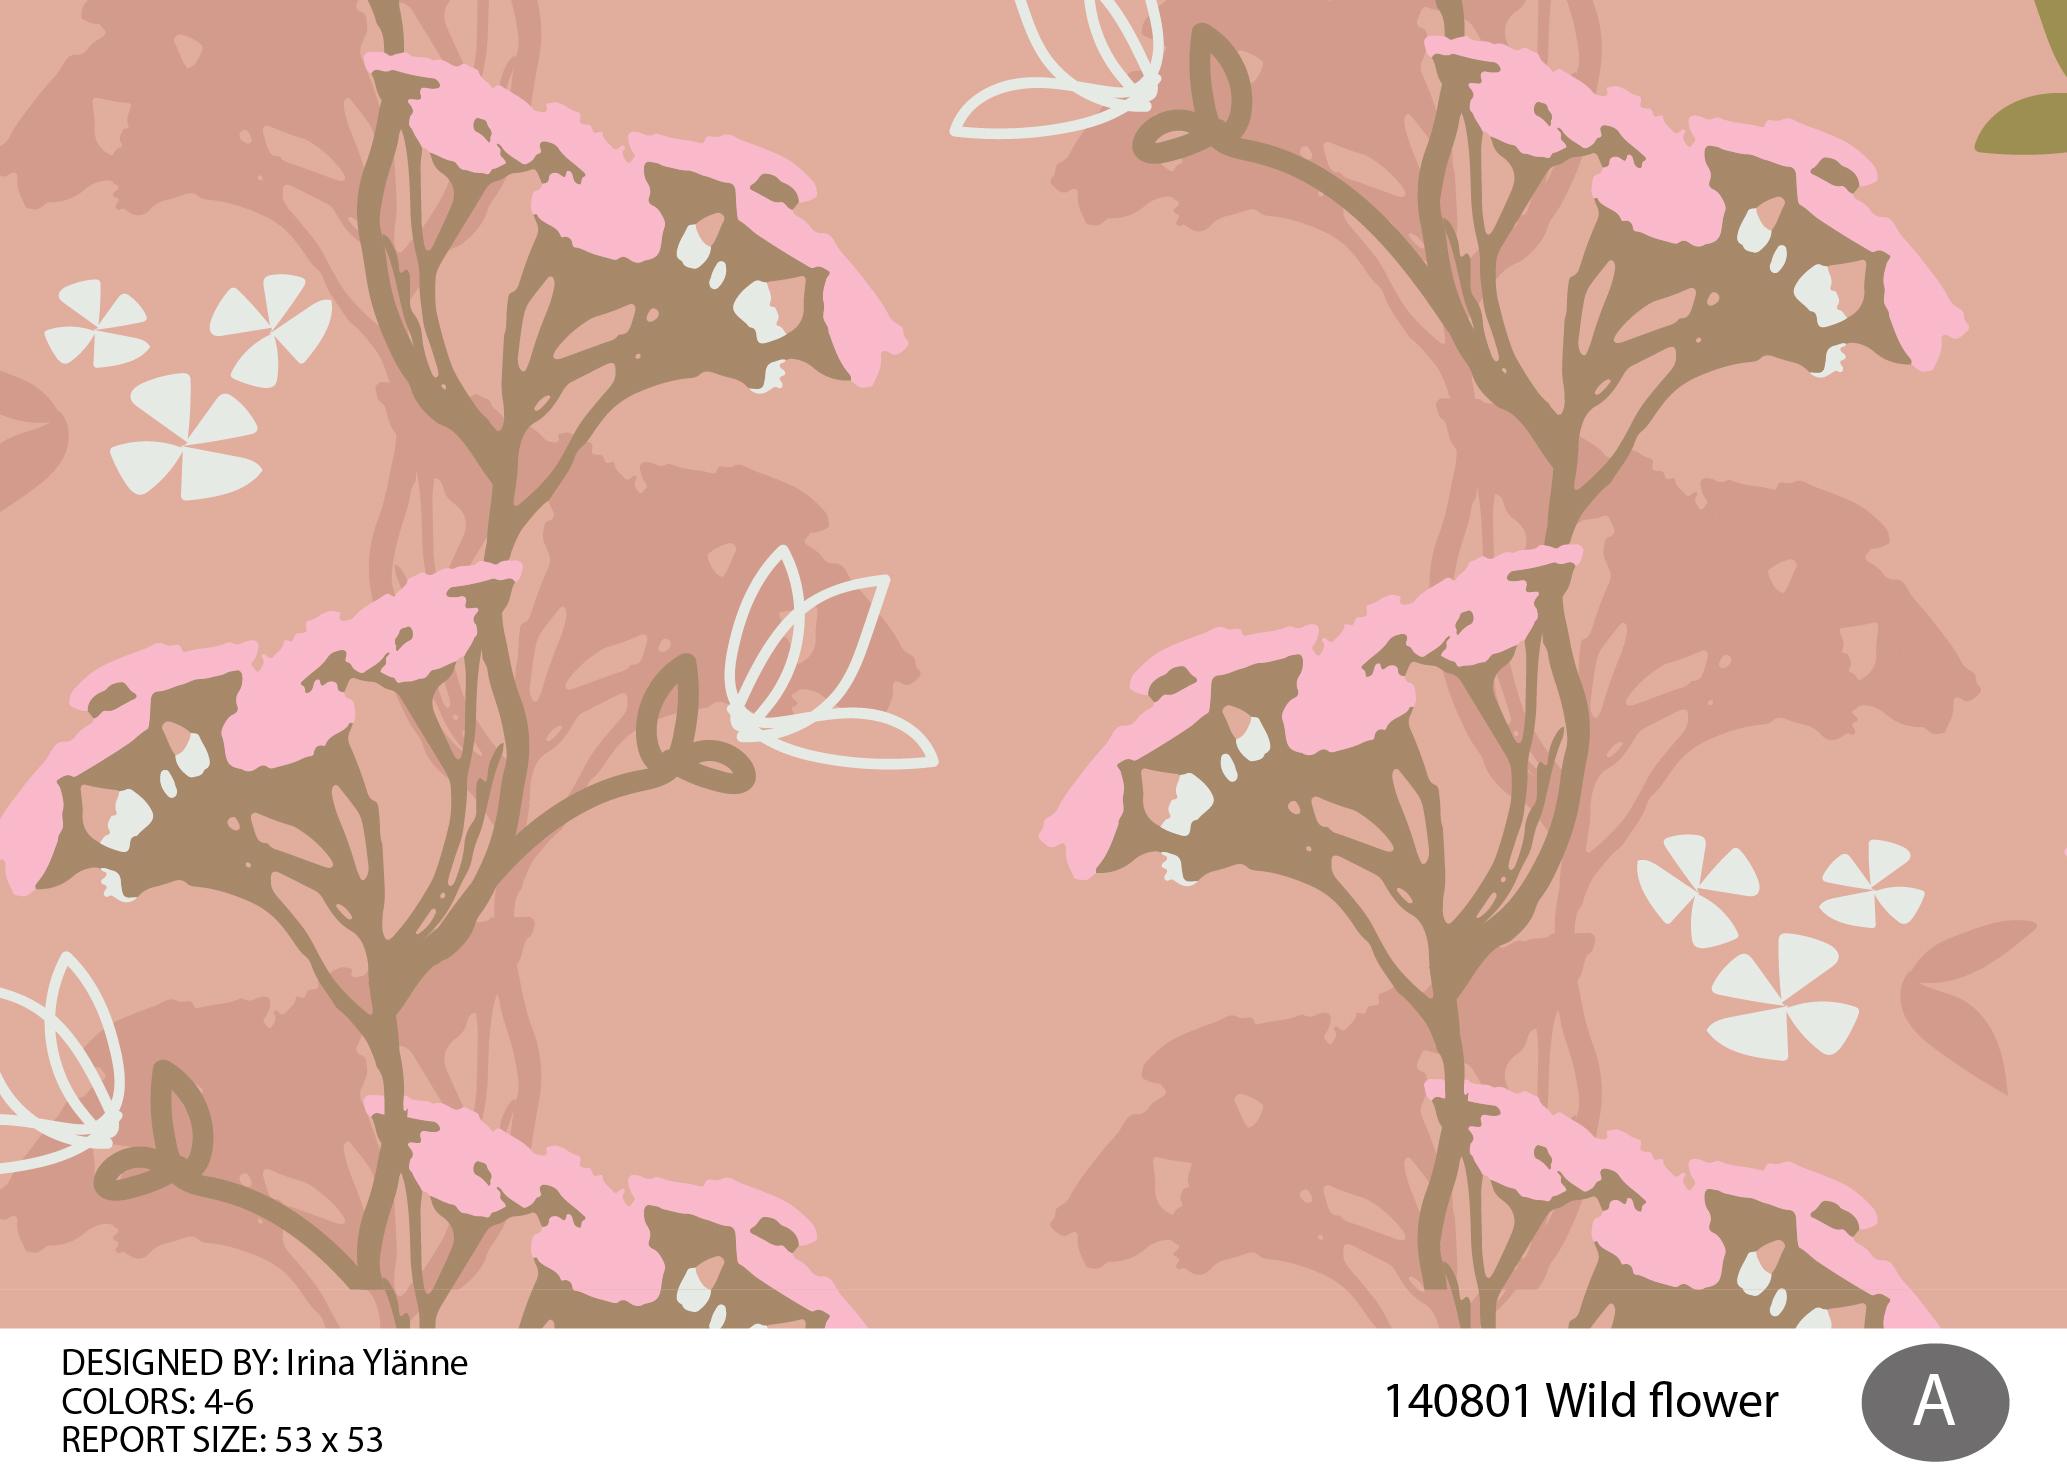 irina_wild flower_140801-01